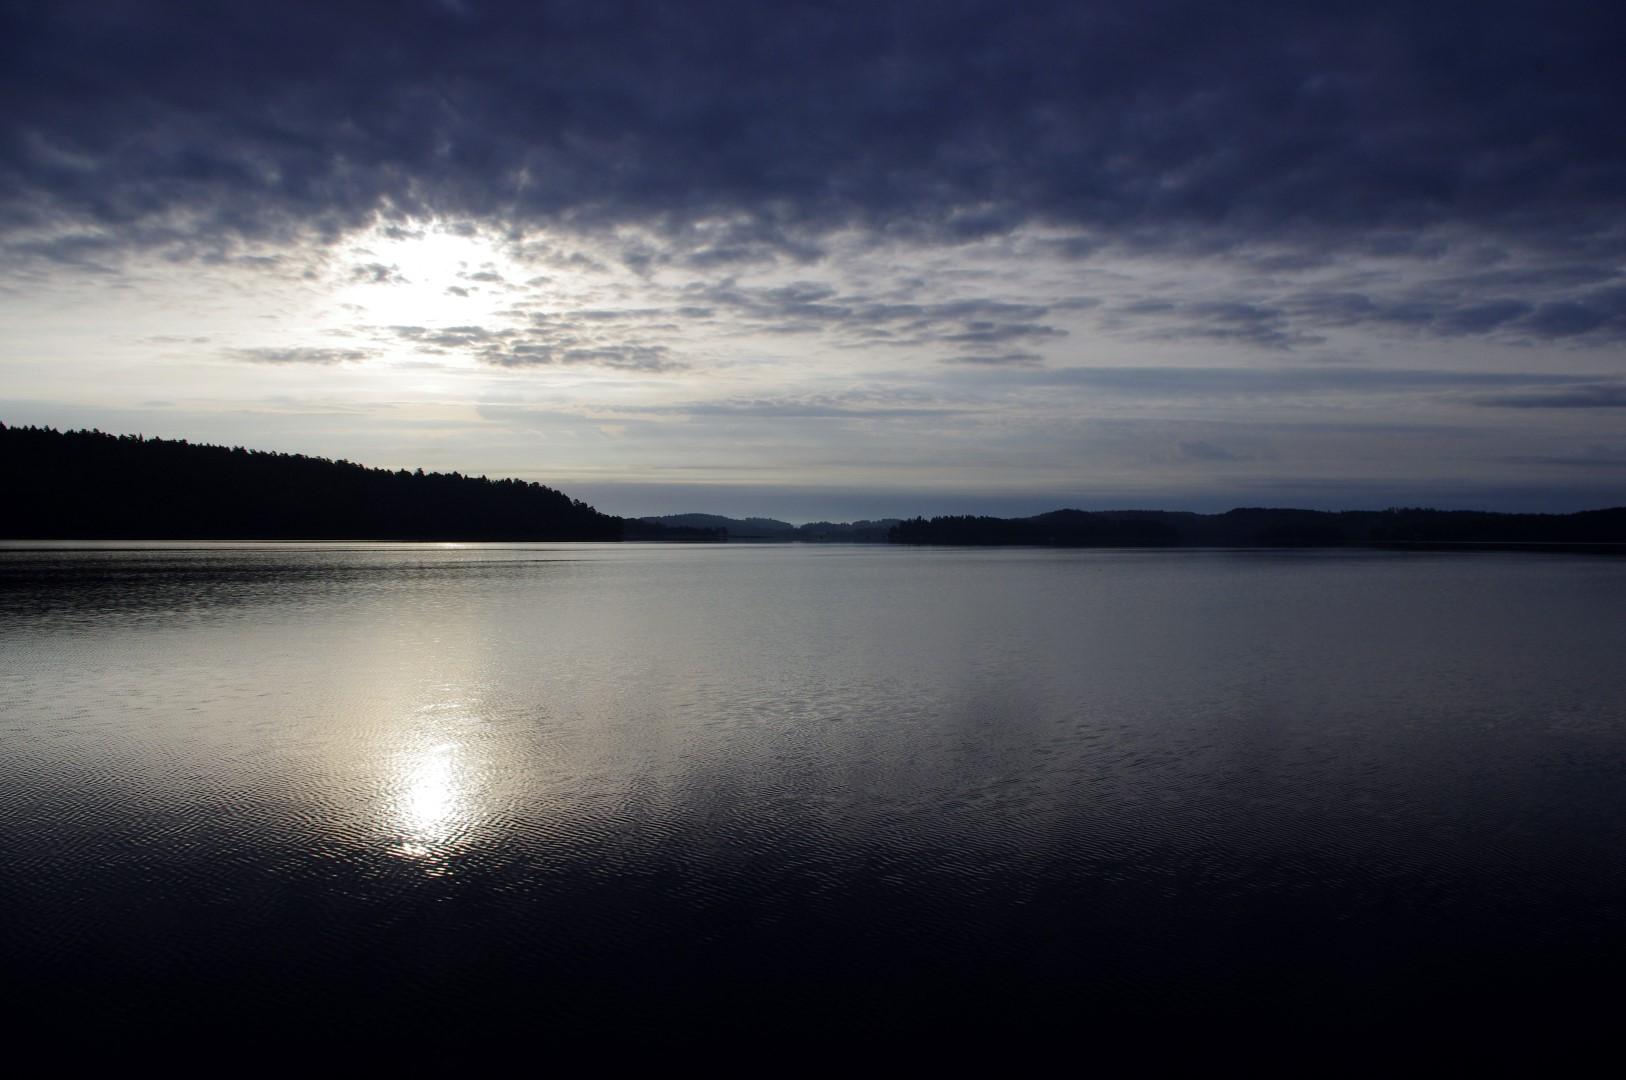 Morgens um 6 bei Södertälje